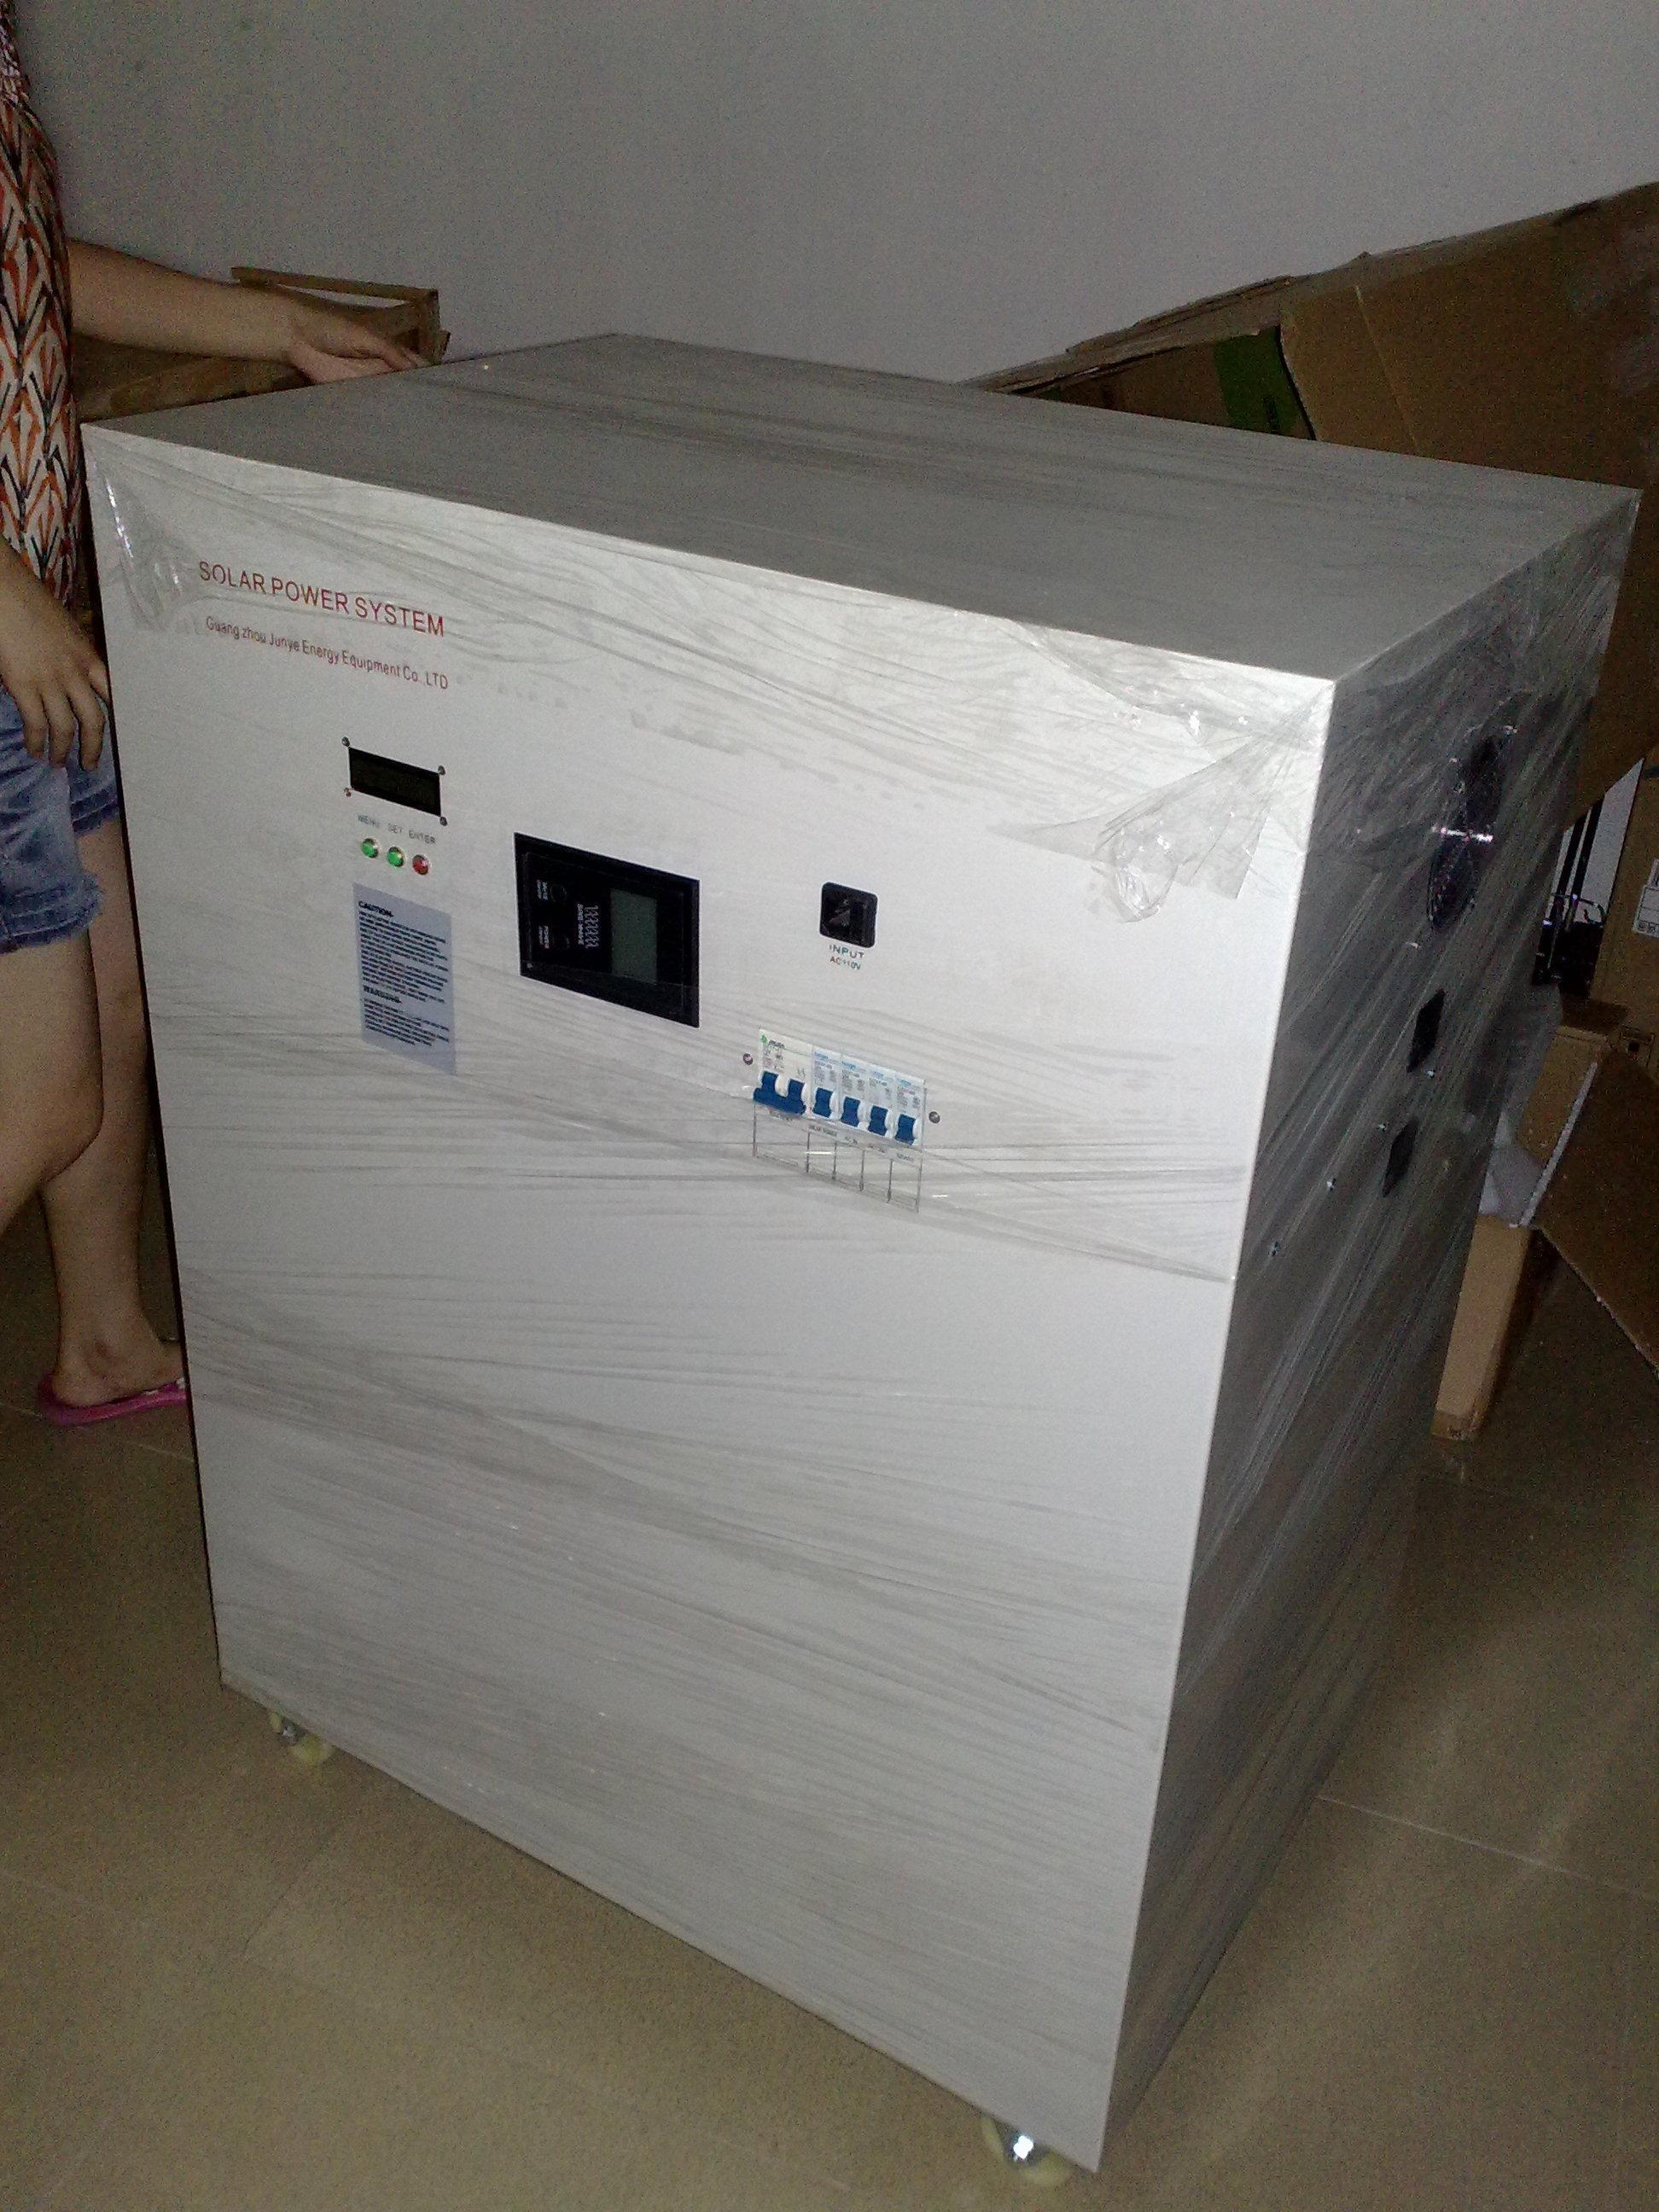 太阳能发电设备,太阳能光伏发电系统,家用太阳能发电装置